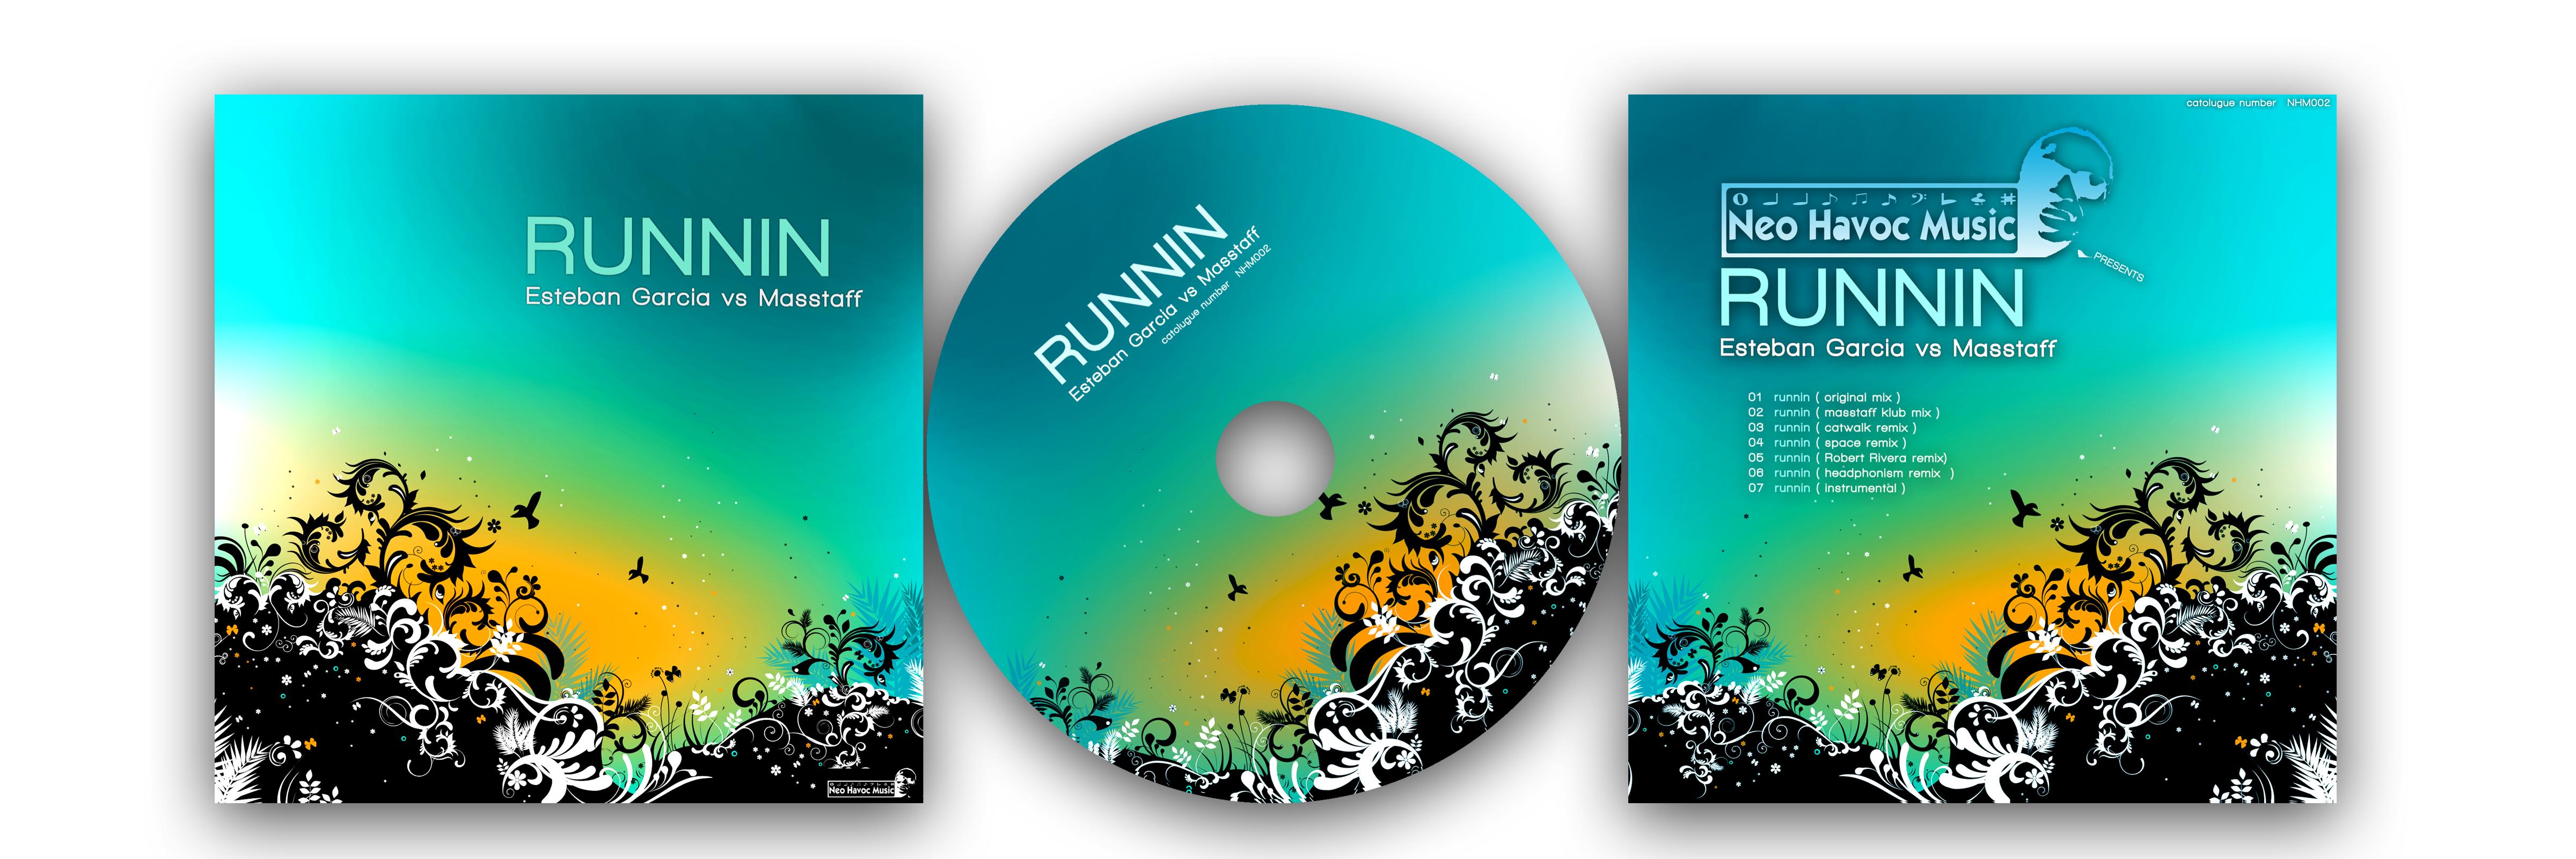 cd album cover maker